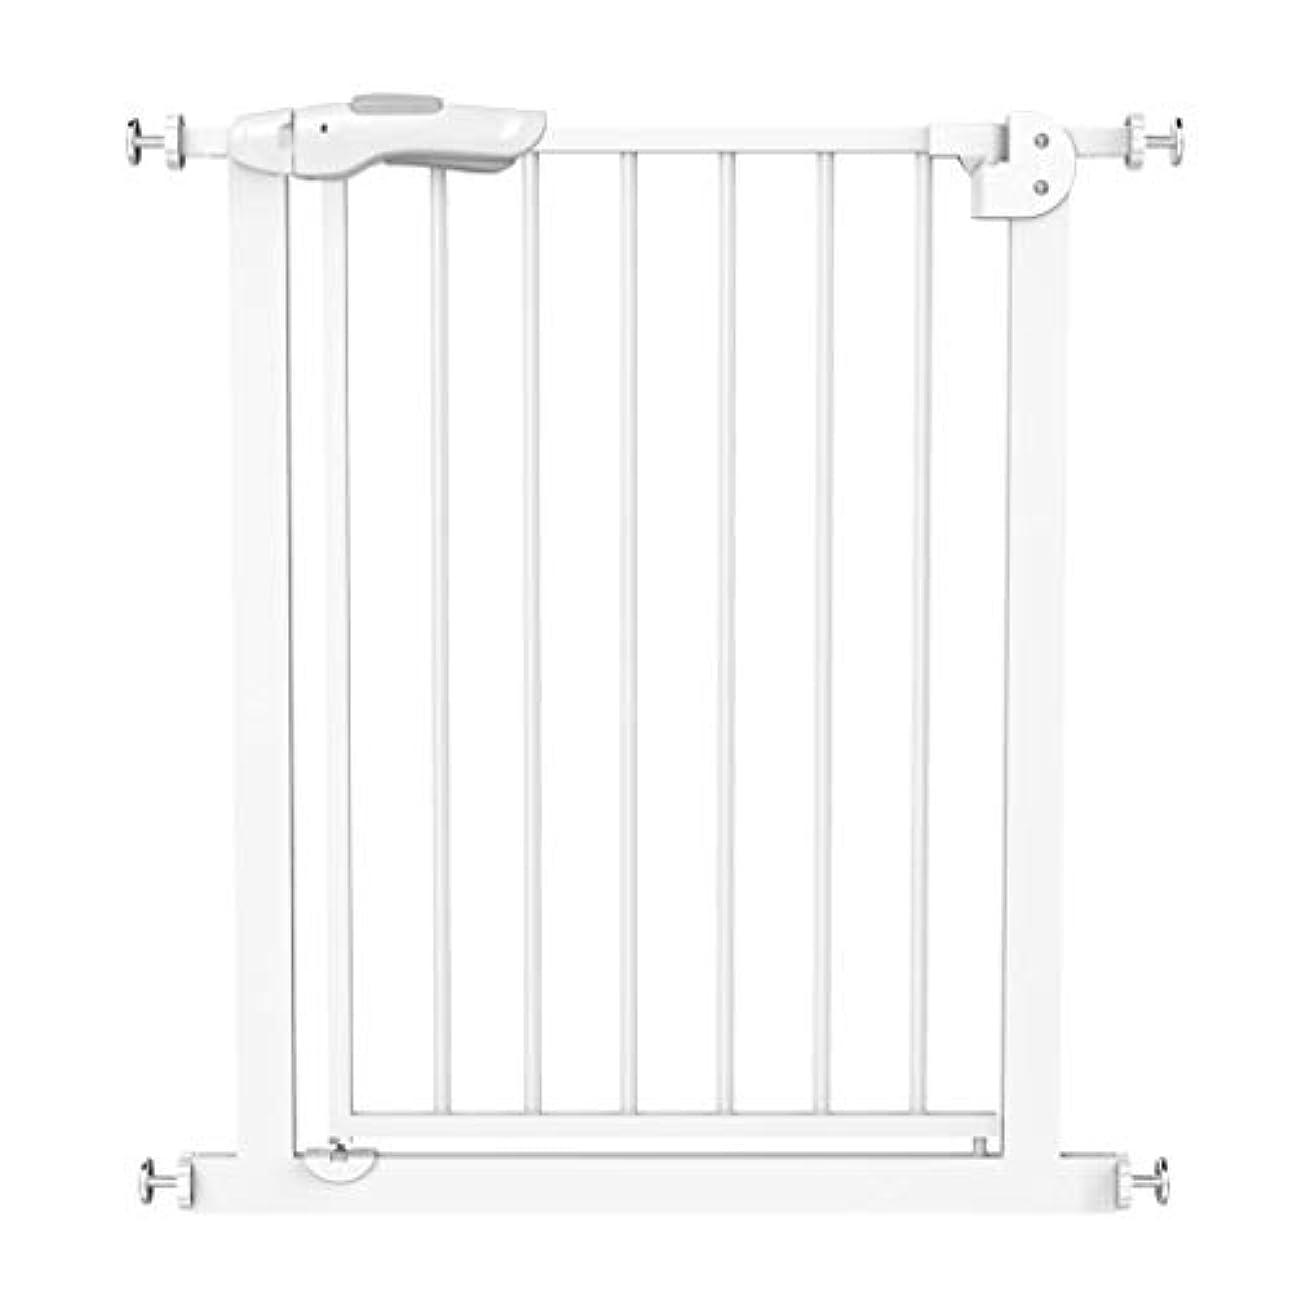 規模お誕生日敵対的QIQIDEDAIN 安全ゲート階段フェンス子供安全ゲートフェンスフェンス子供安全フェンス犬ドア柵安全防護階段 (Size : 66-74cm)